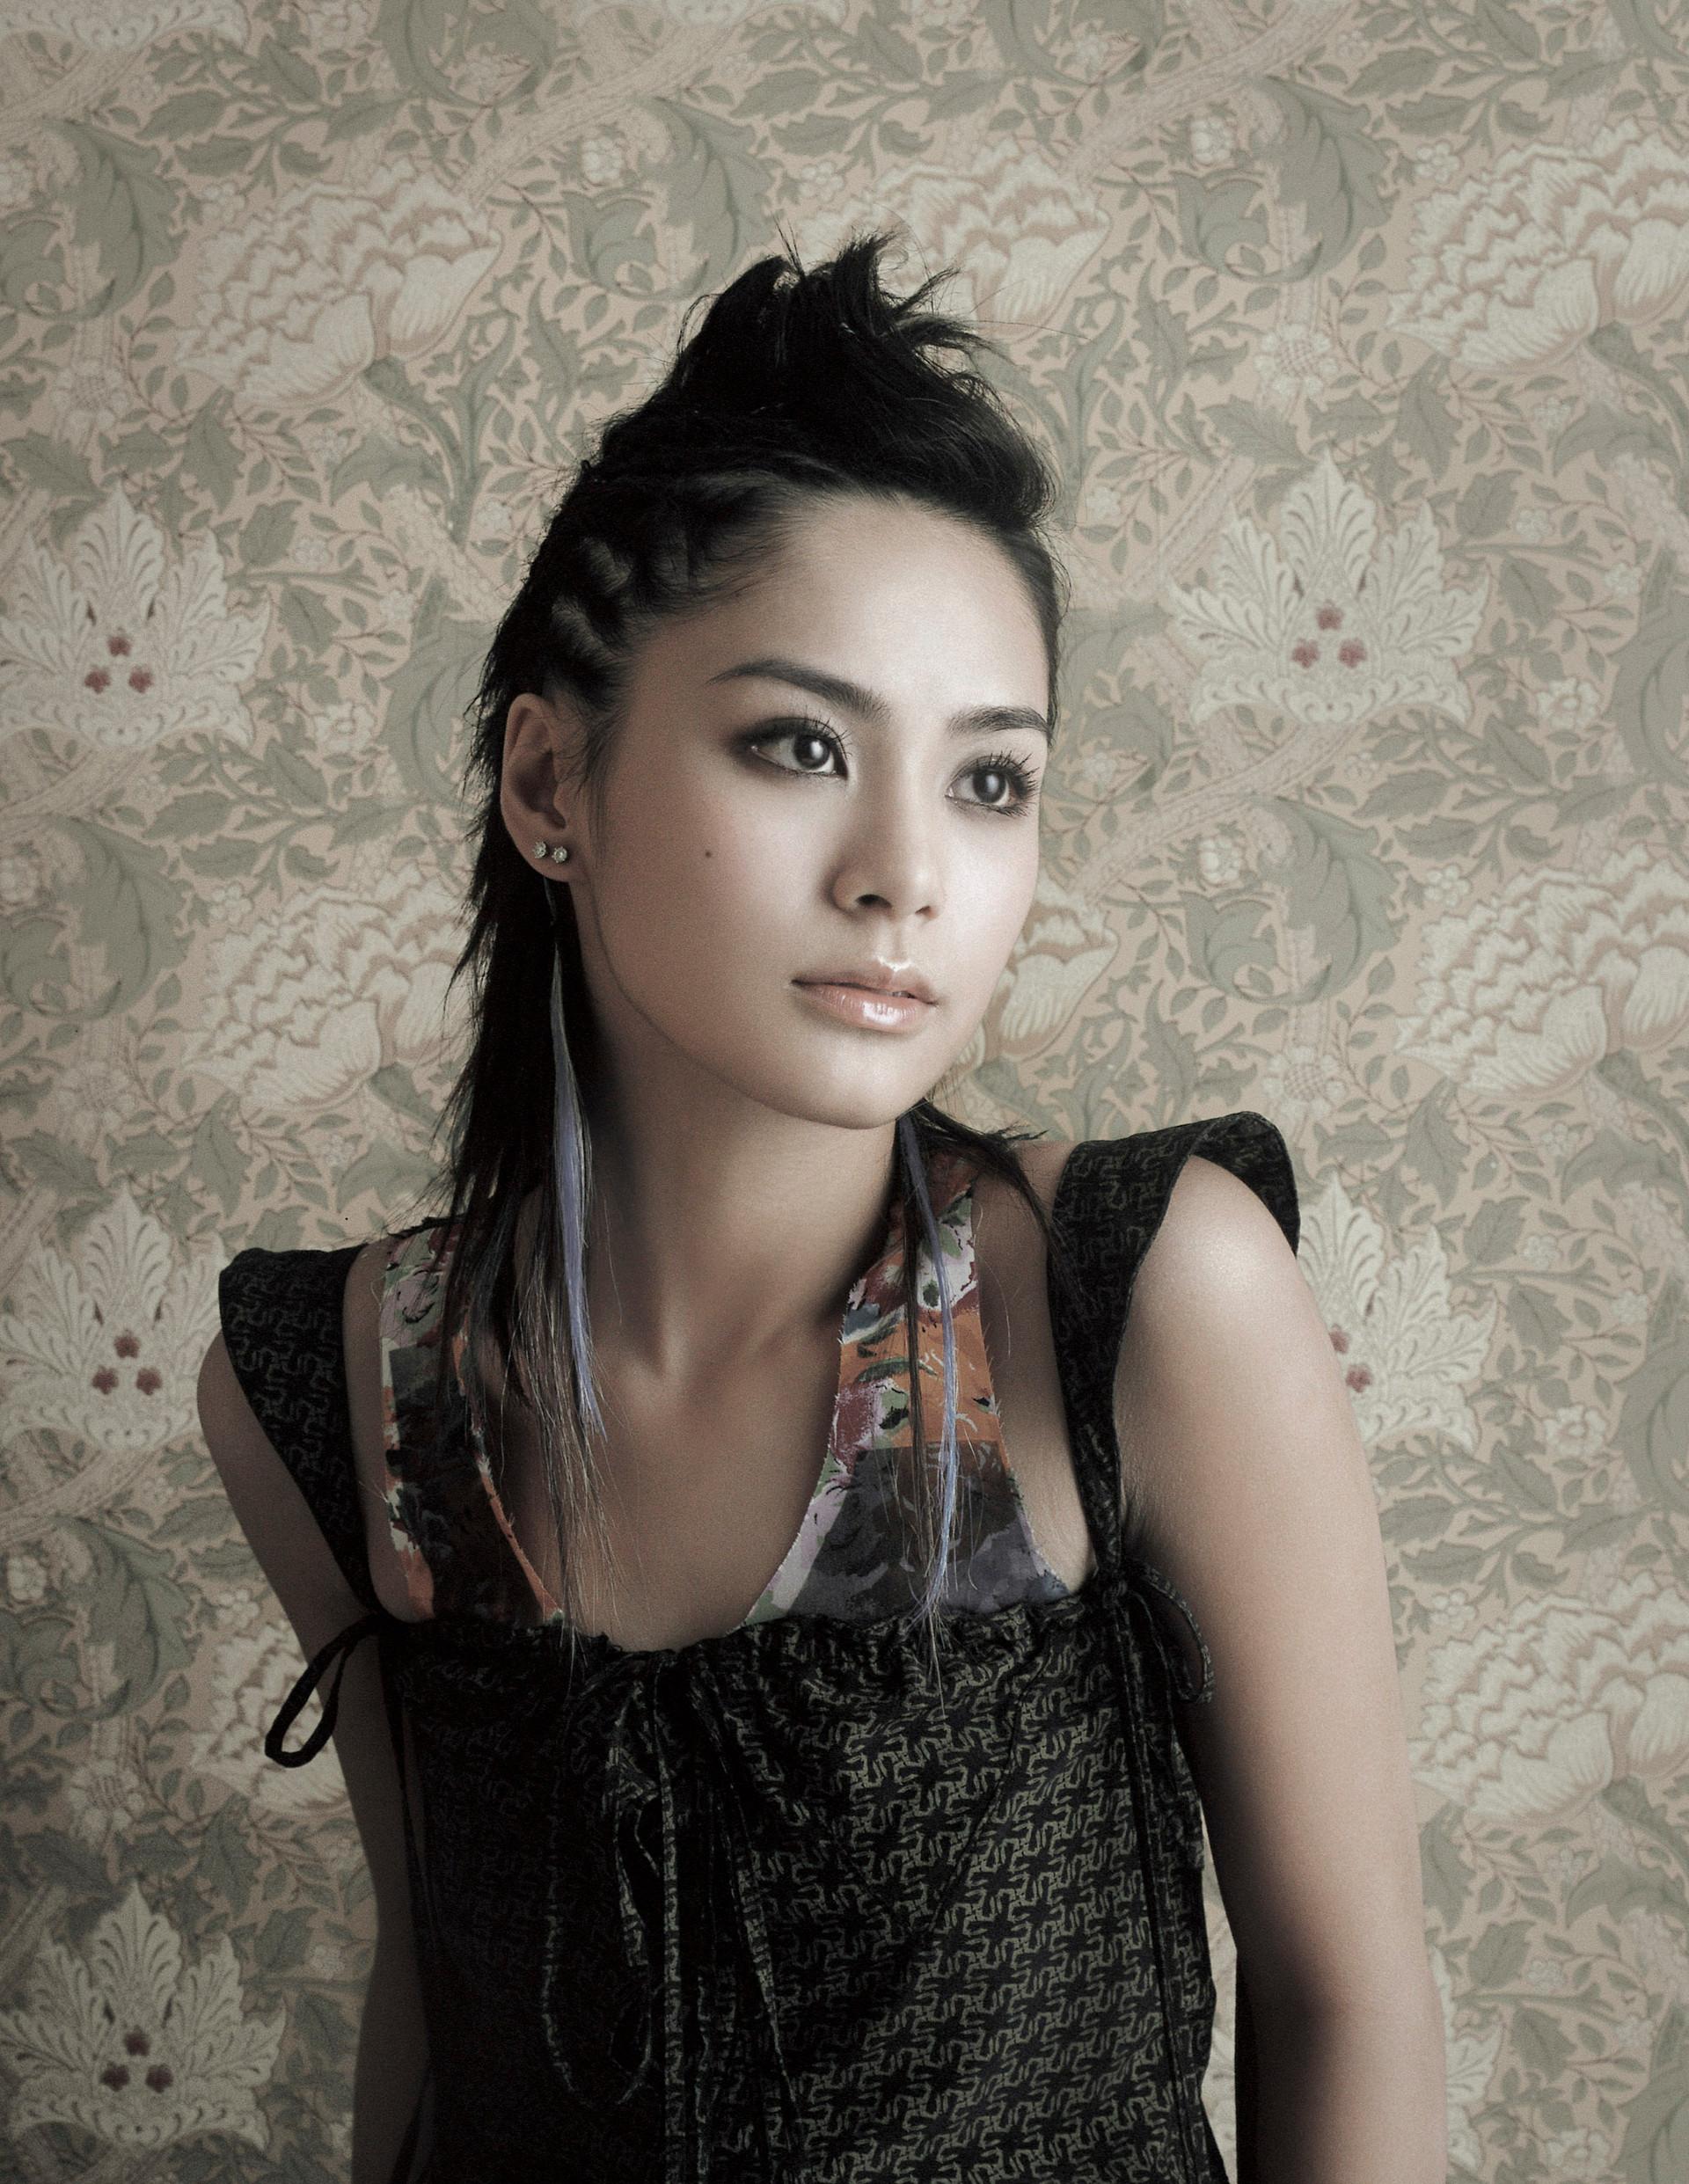 鍾欣潼 Gillian Chung Yan-tung